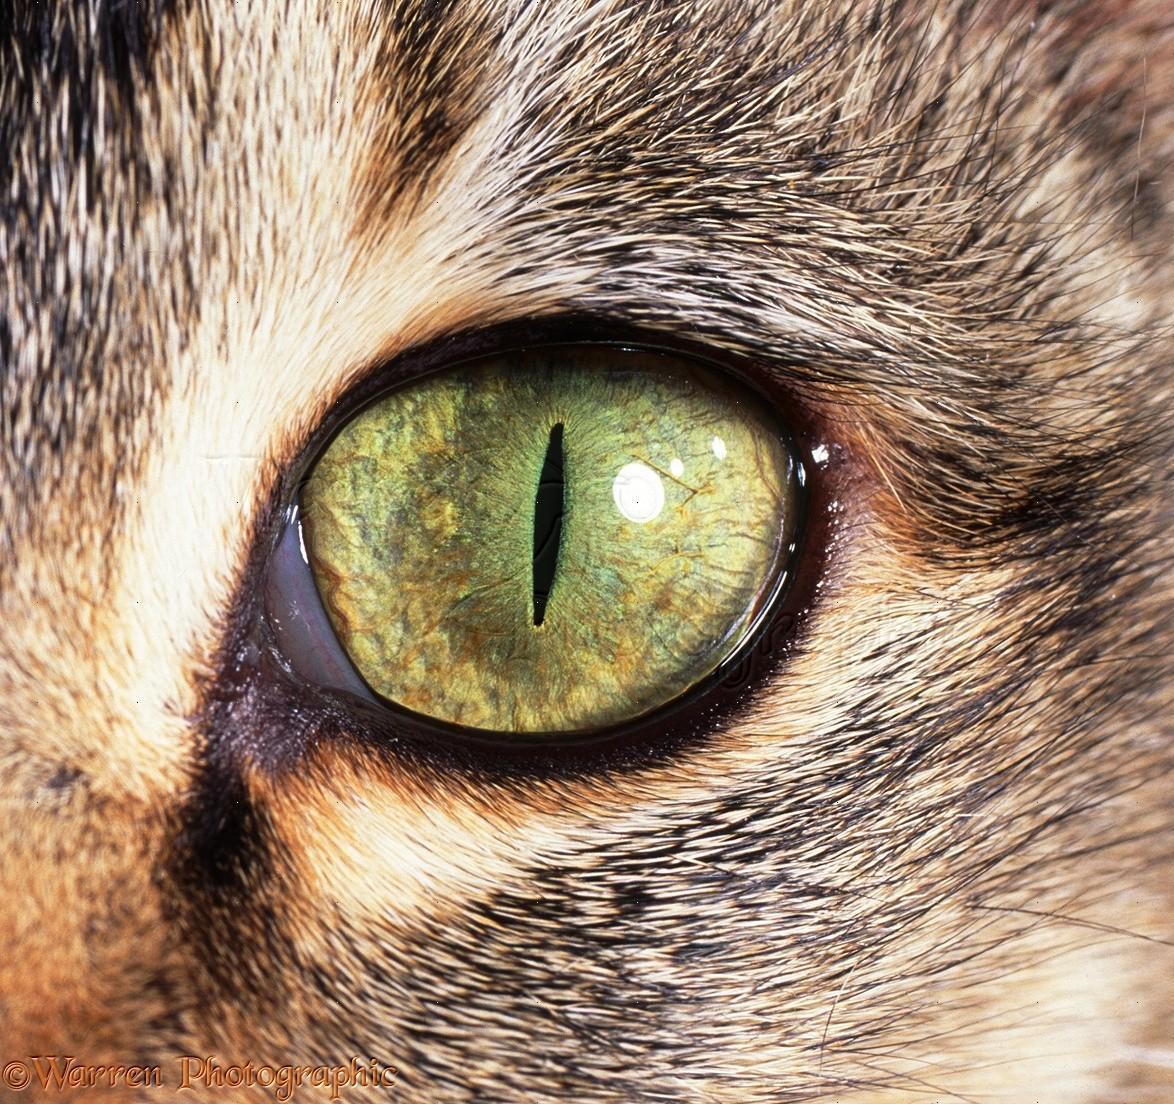 картинка про кота с глазами если это